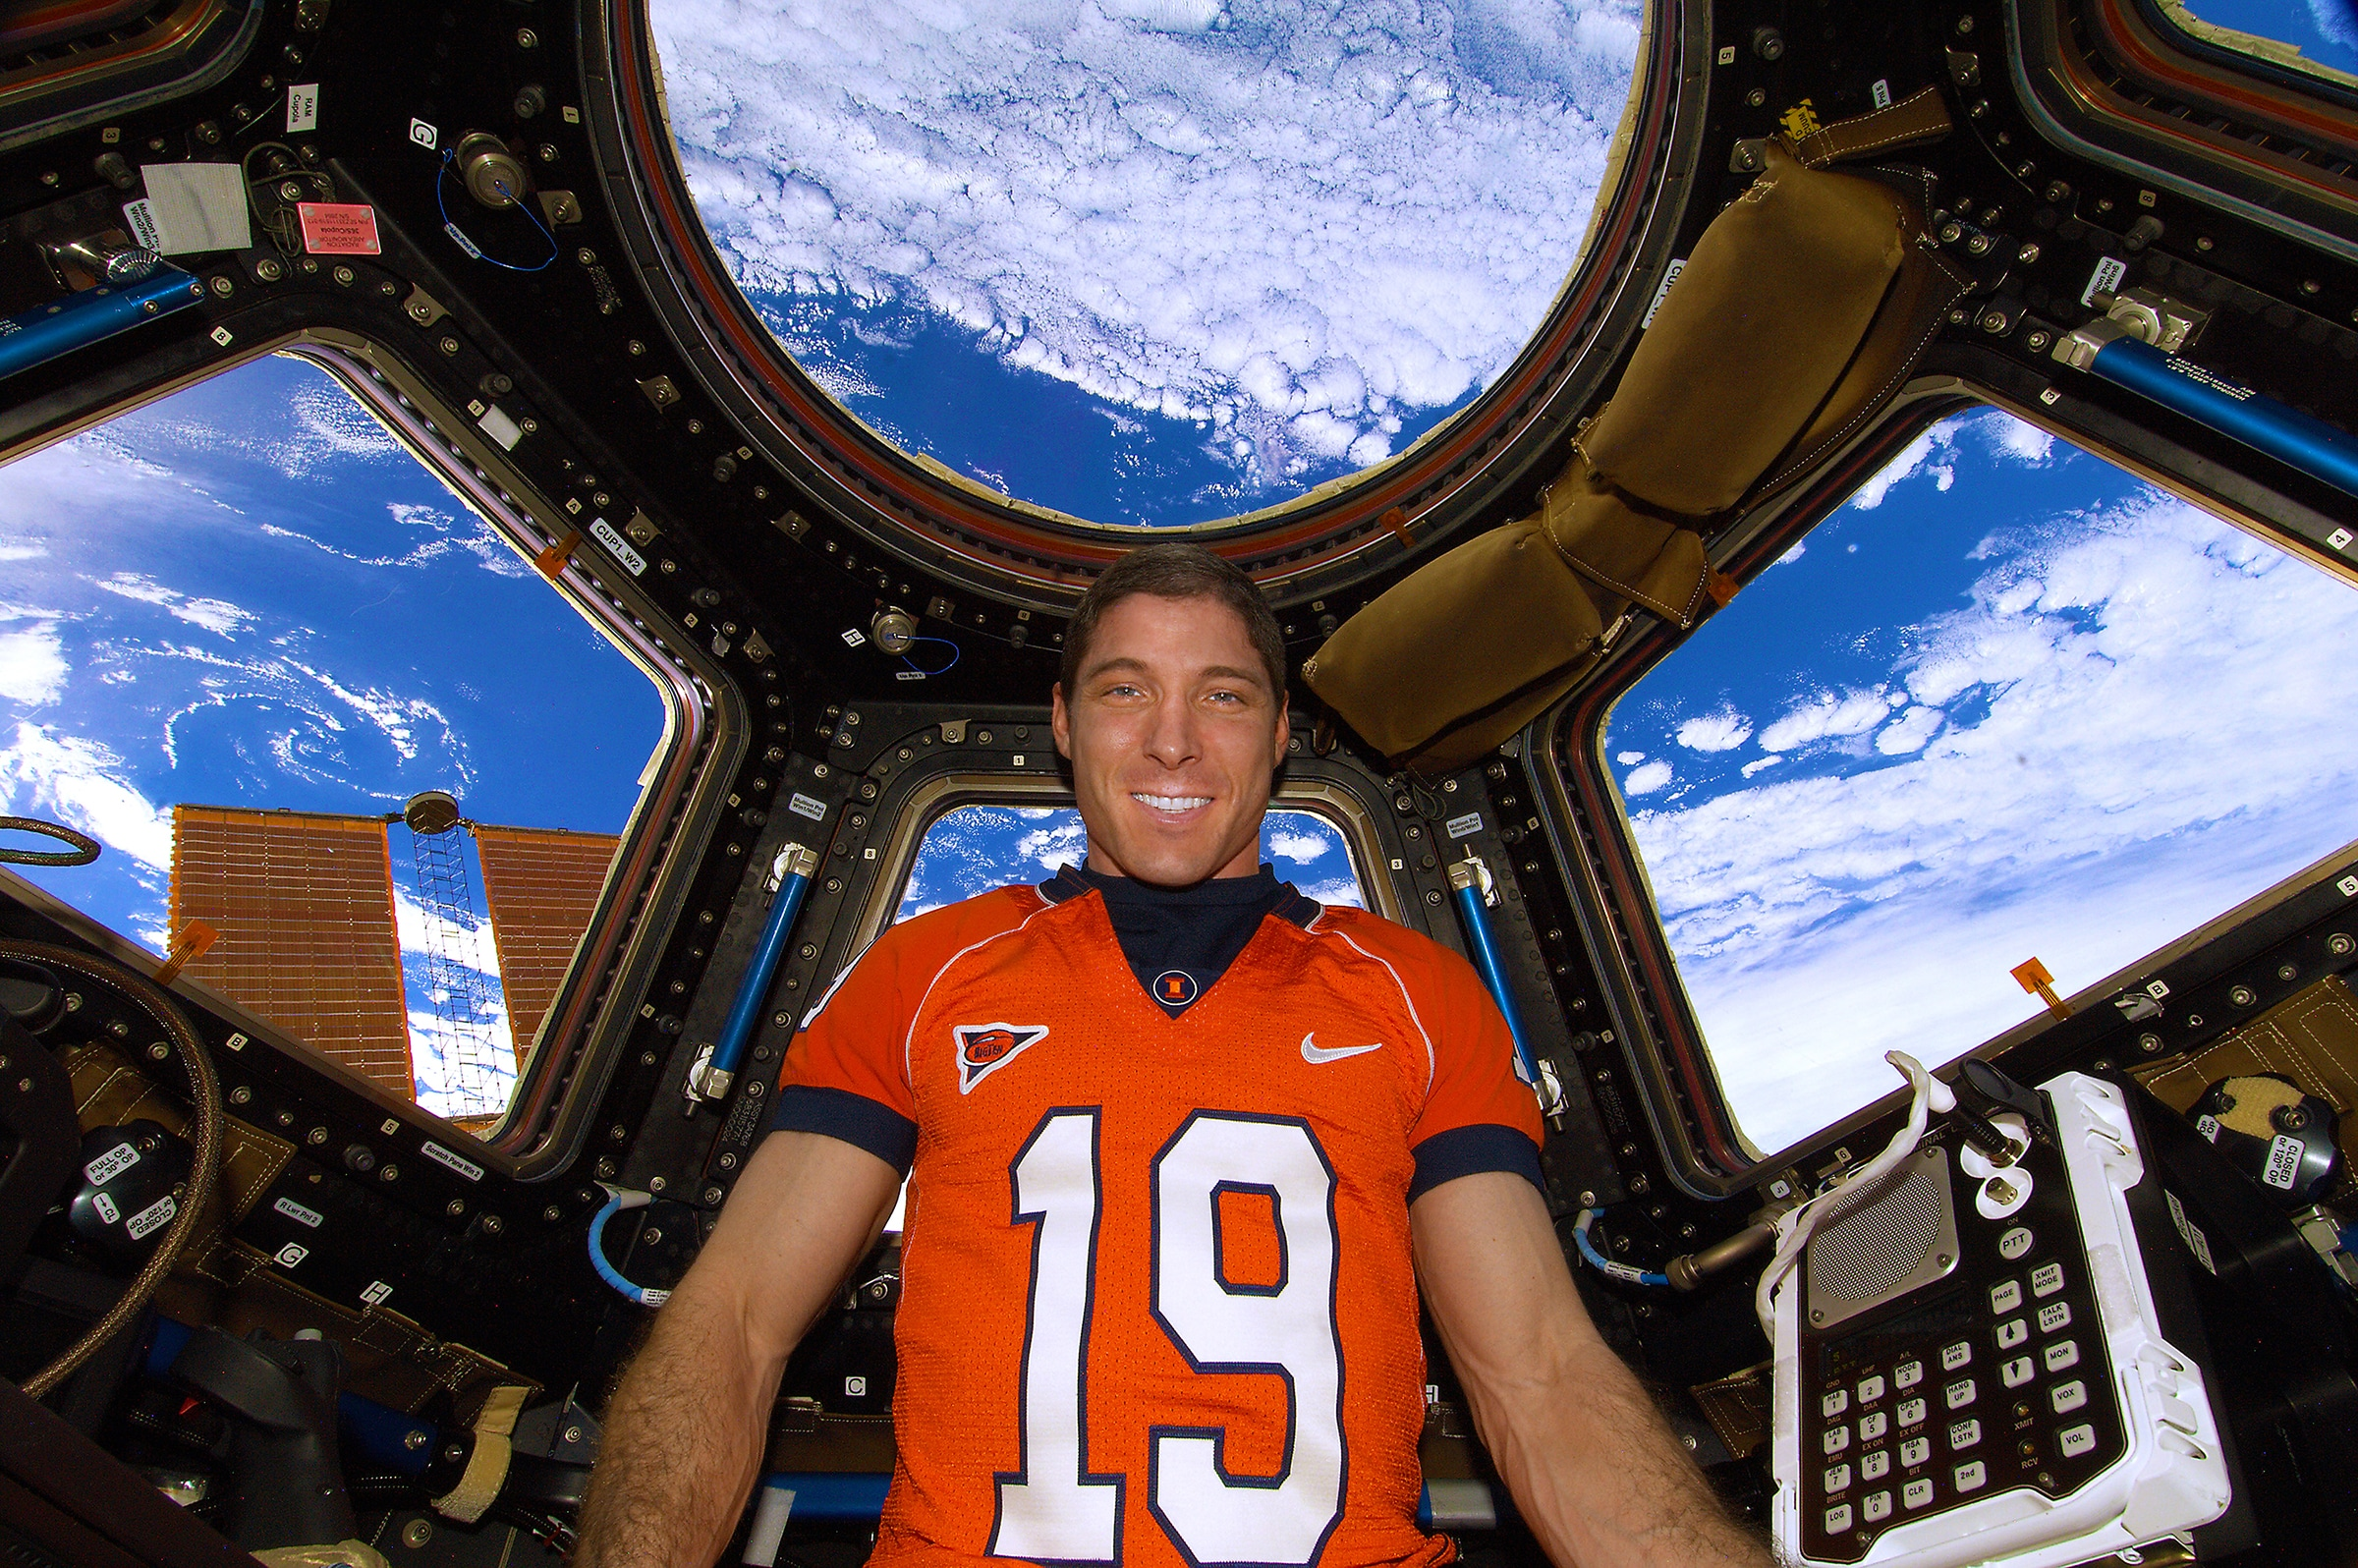 Mike Hopins in spaceship